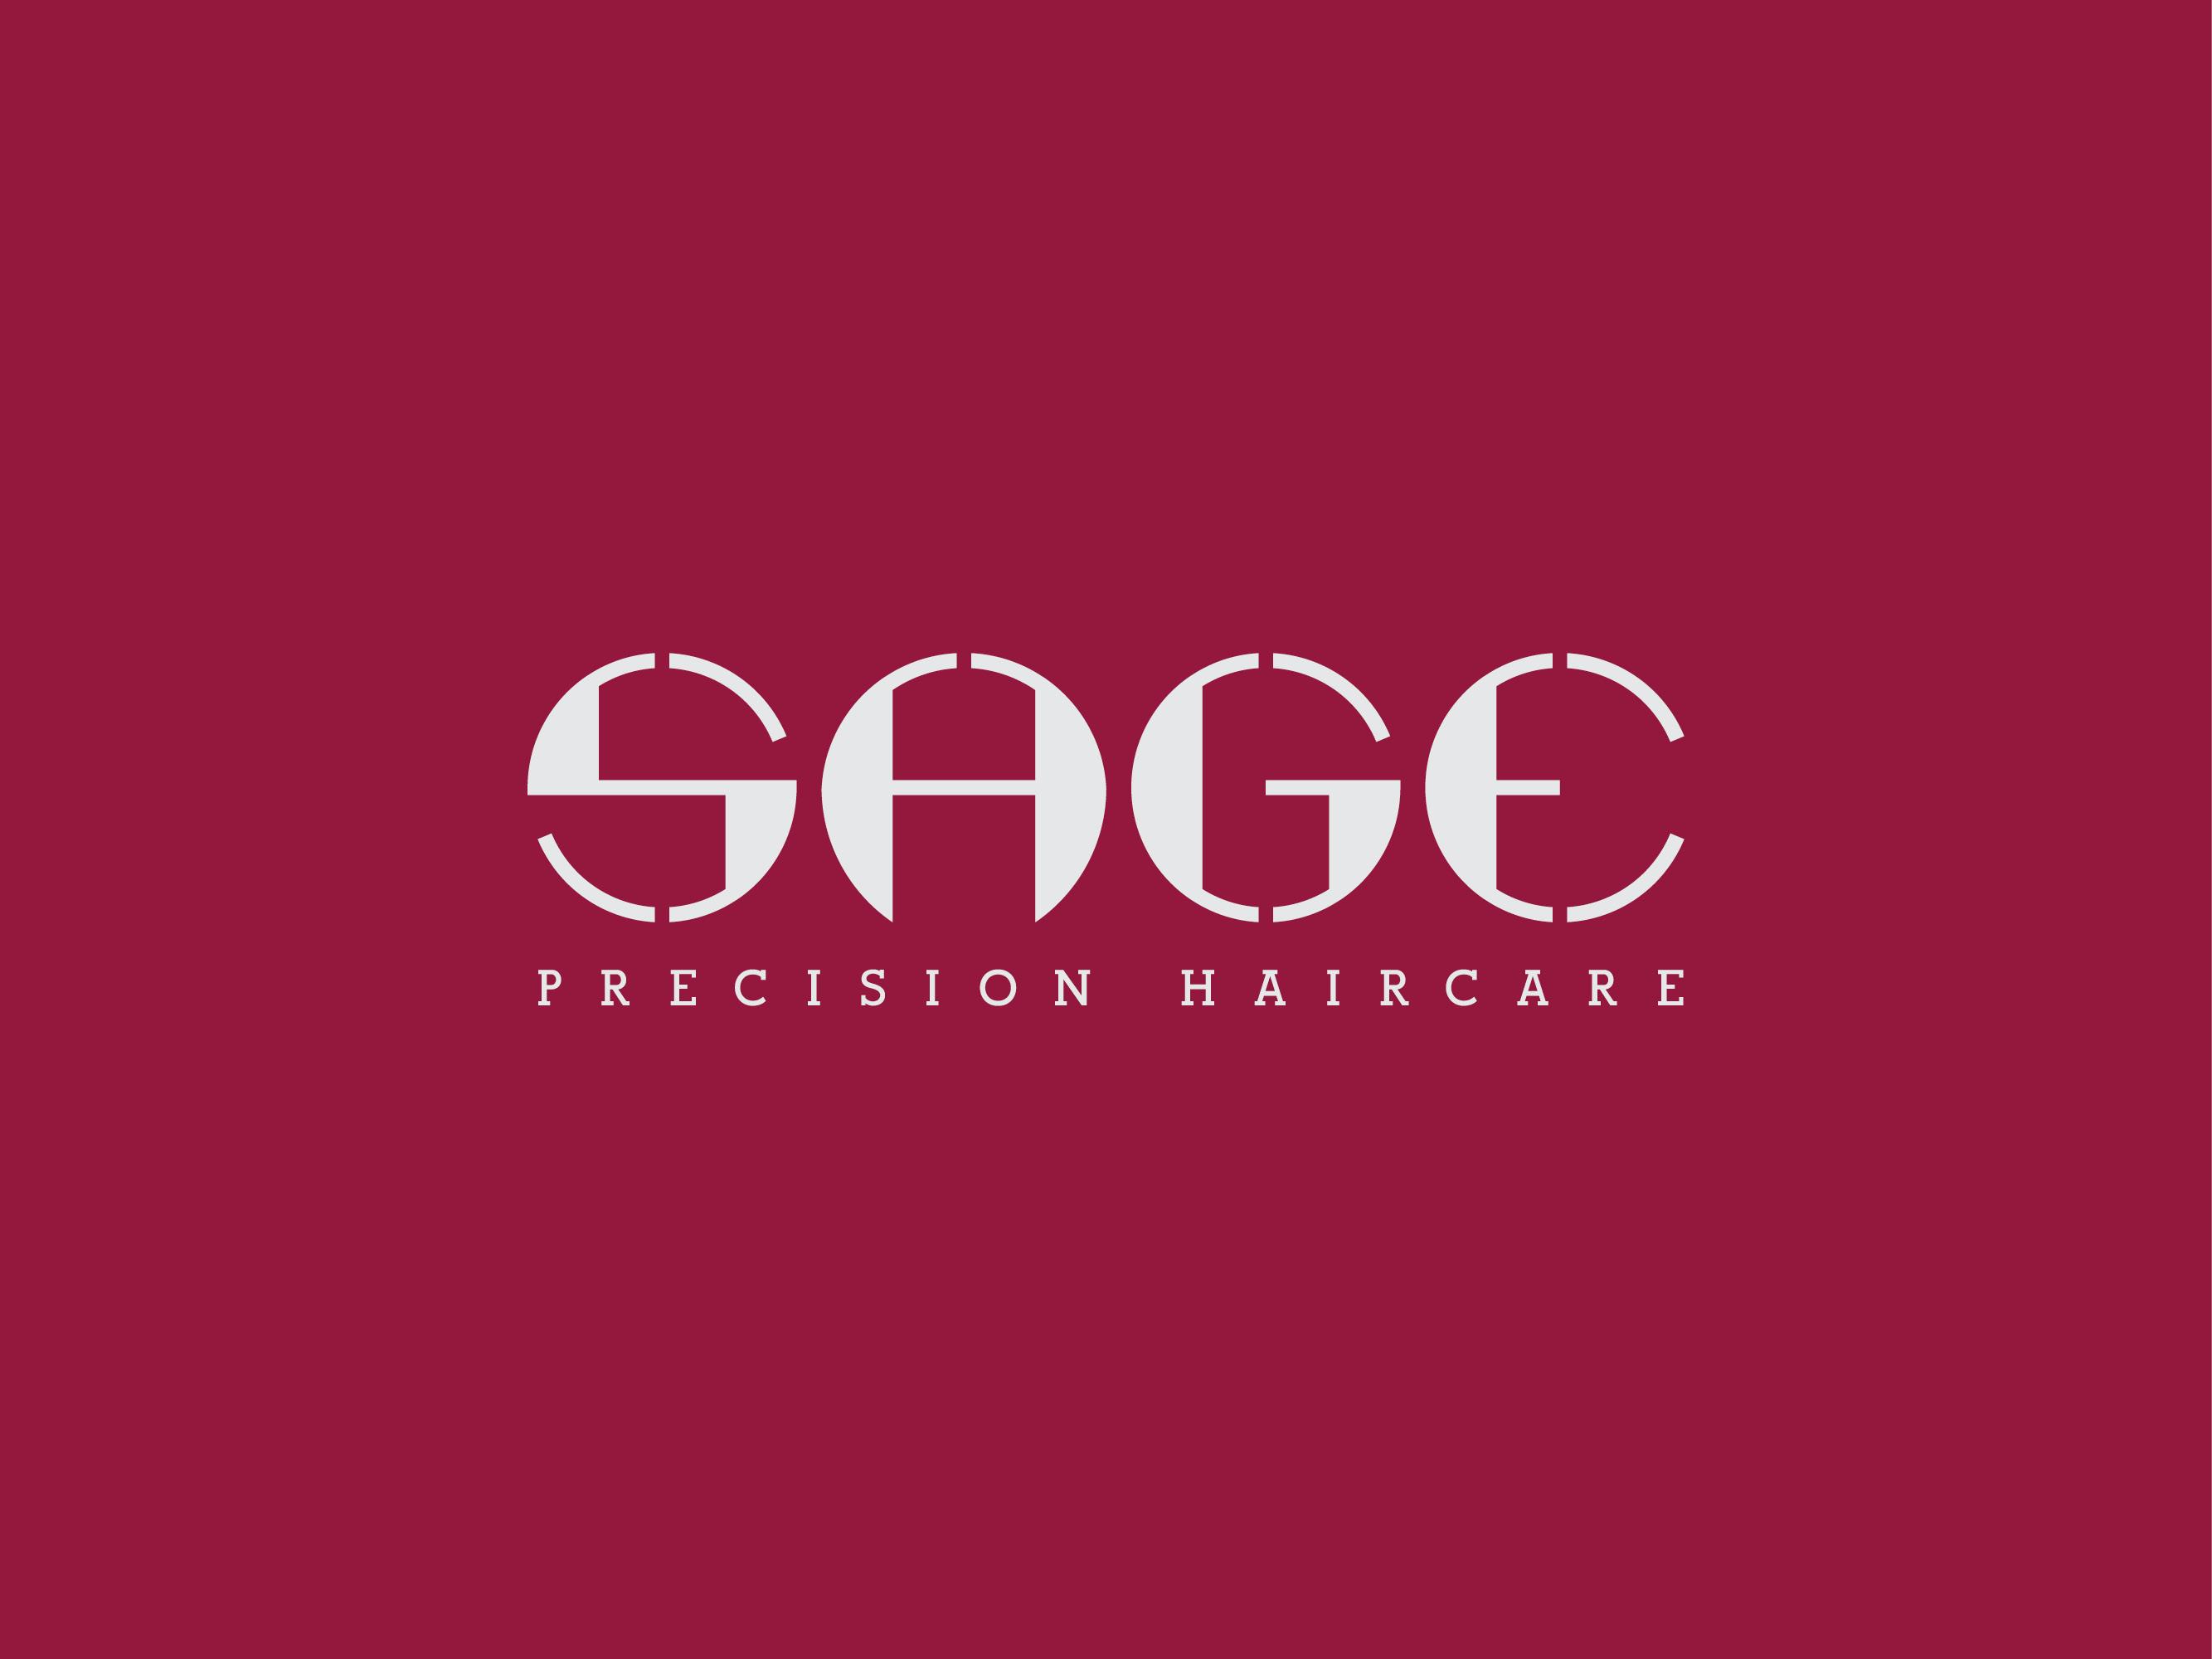 Sage precision haircare logo design